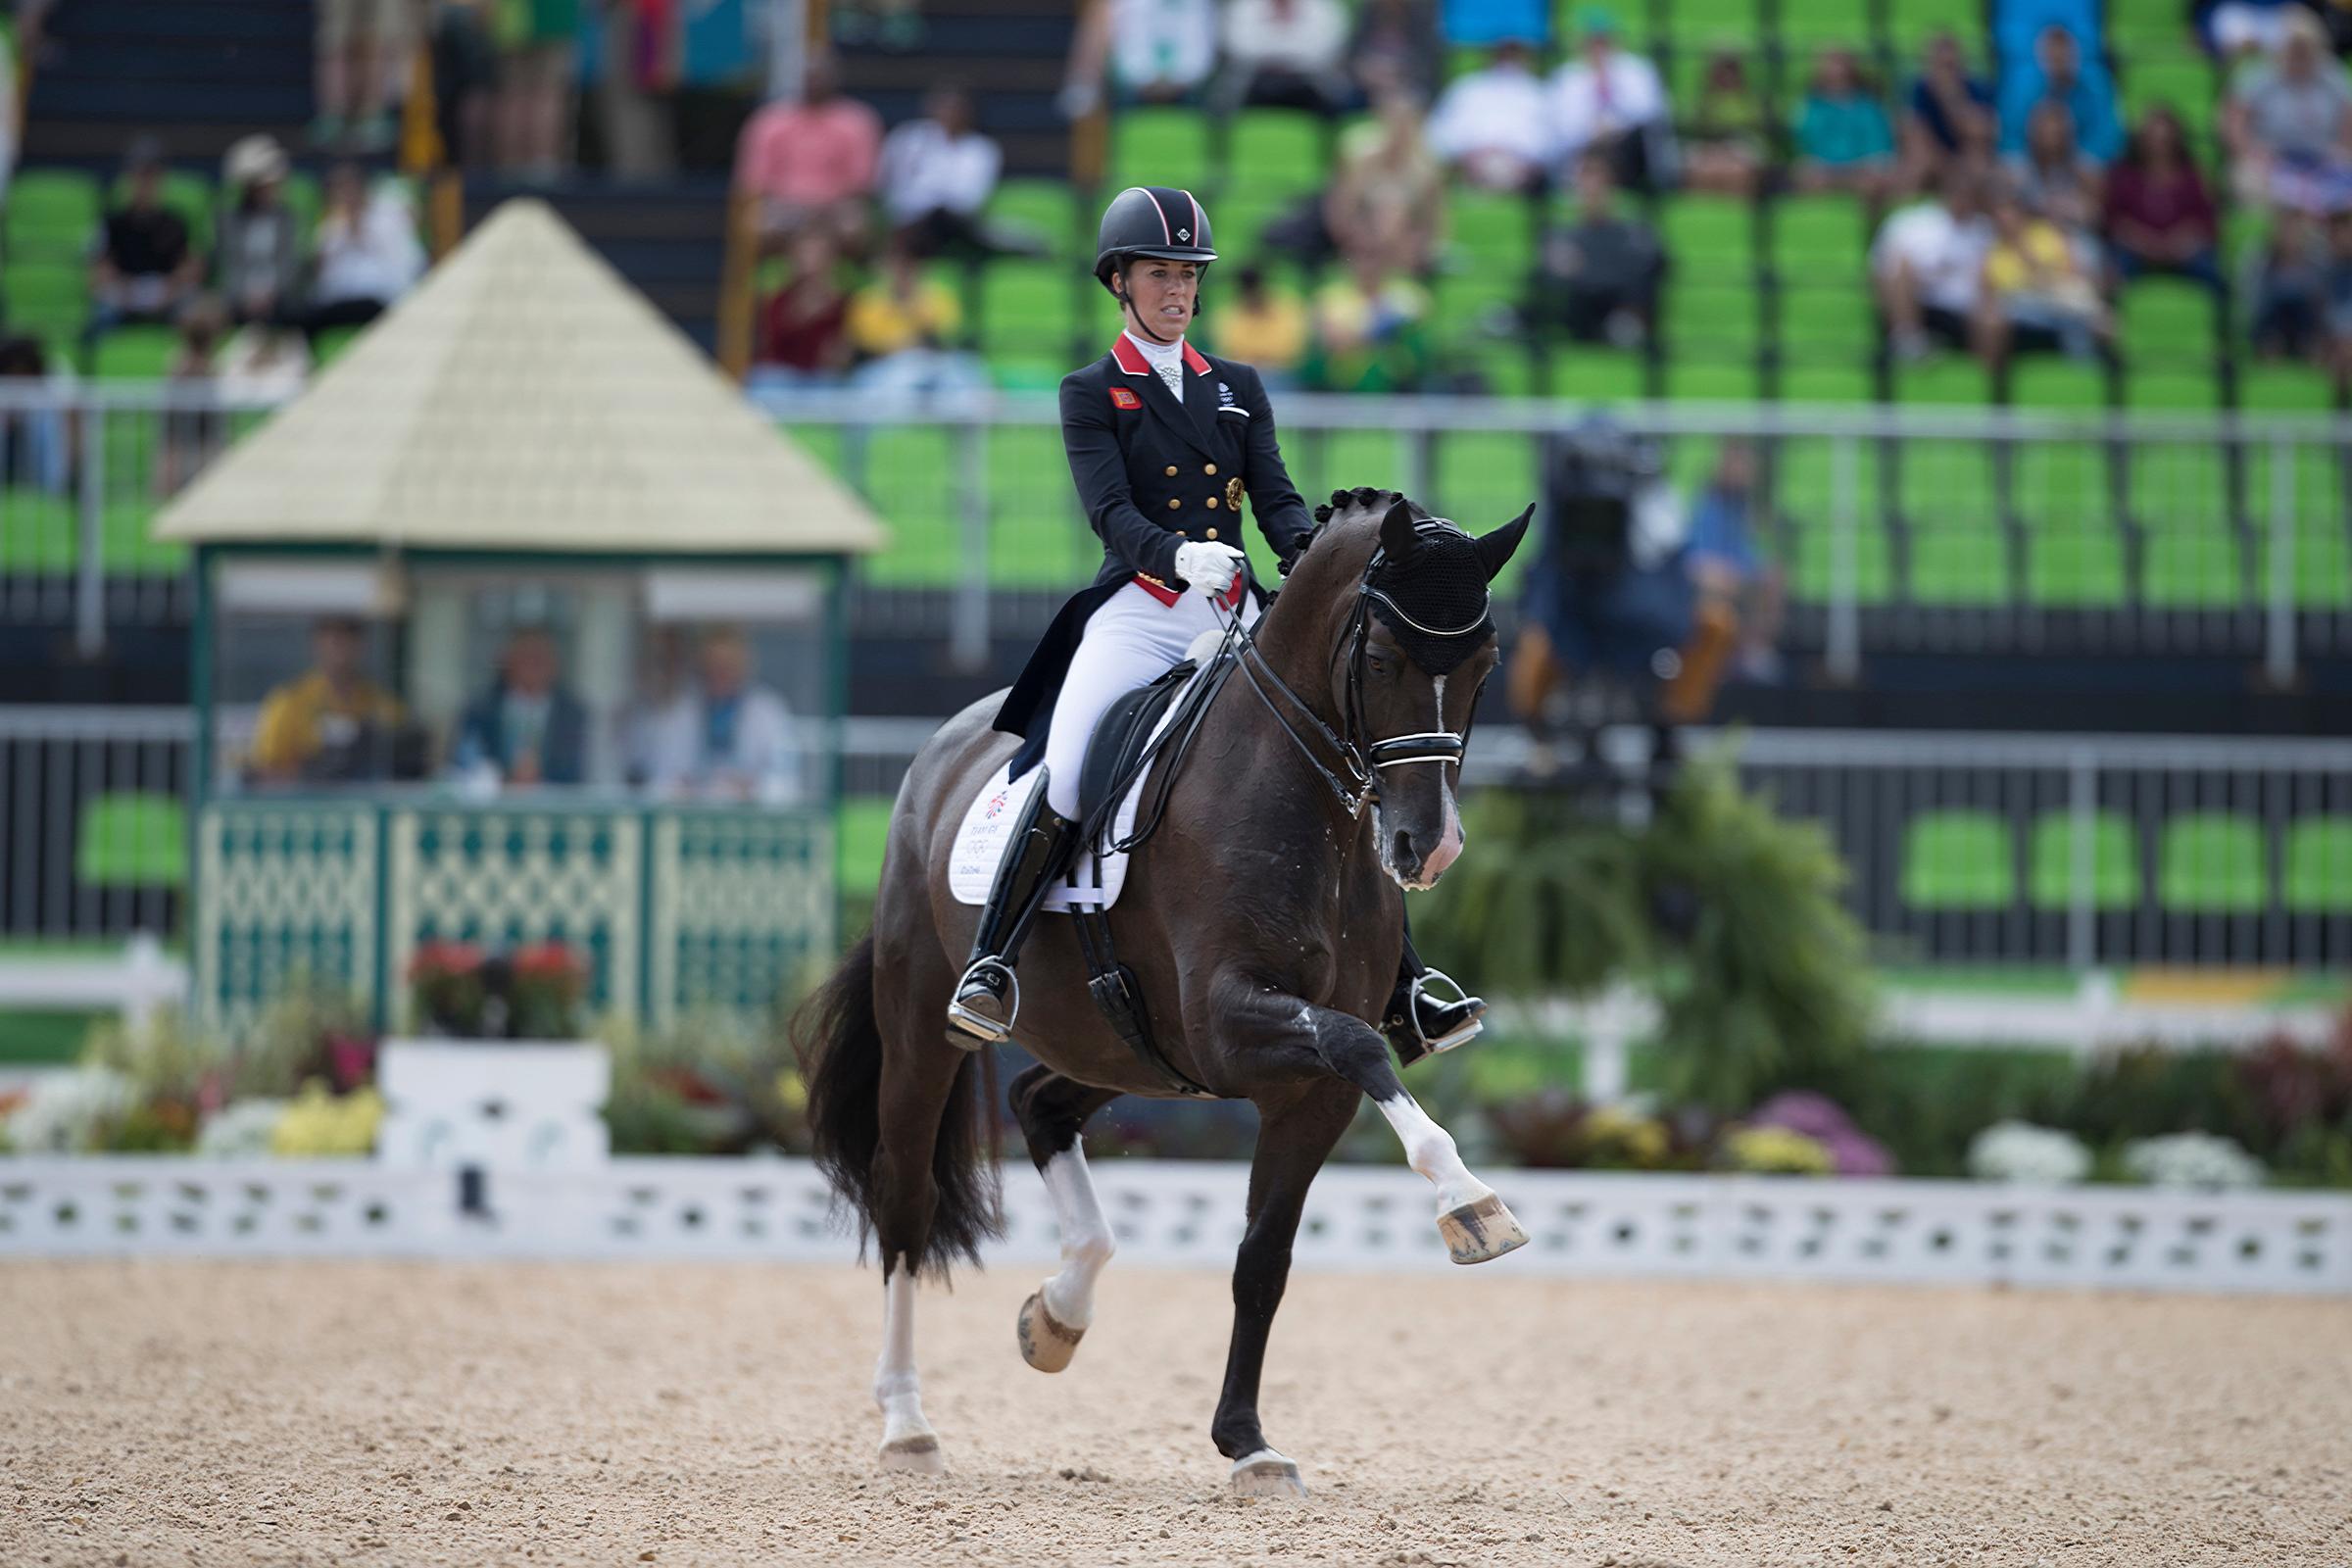 Valegro i charlotte dujardin gwiazdami olimpijskiego for Charlotte dujardin